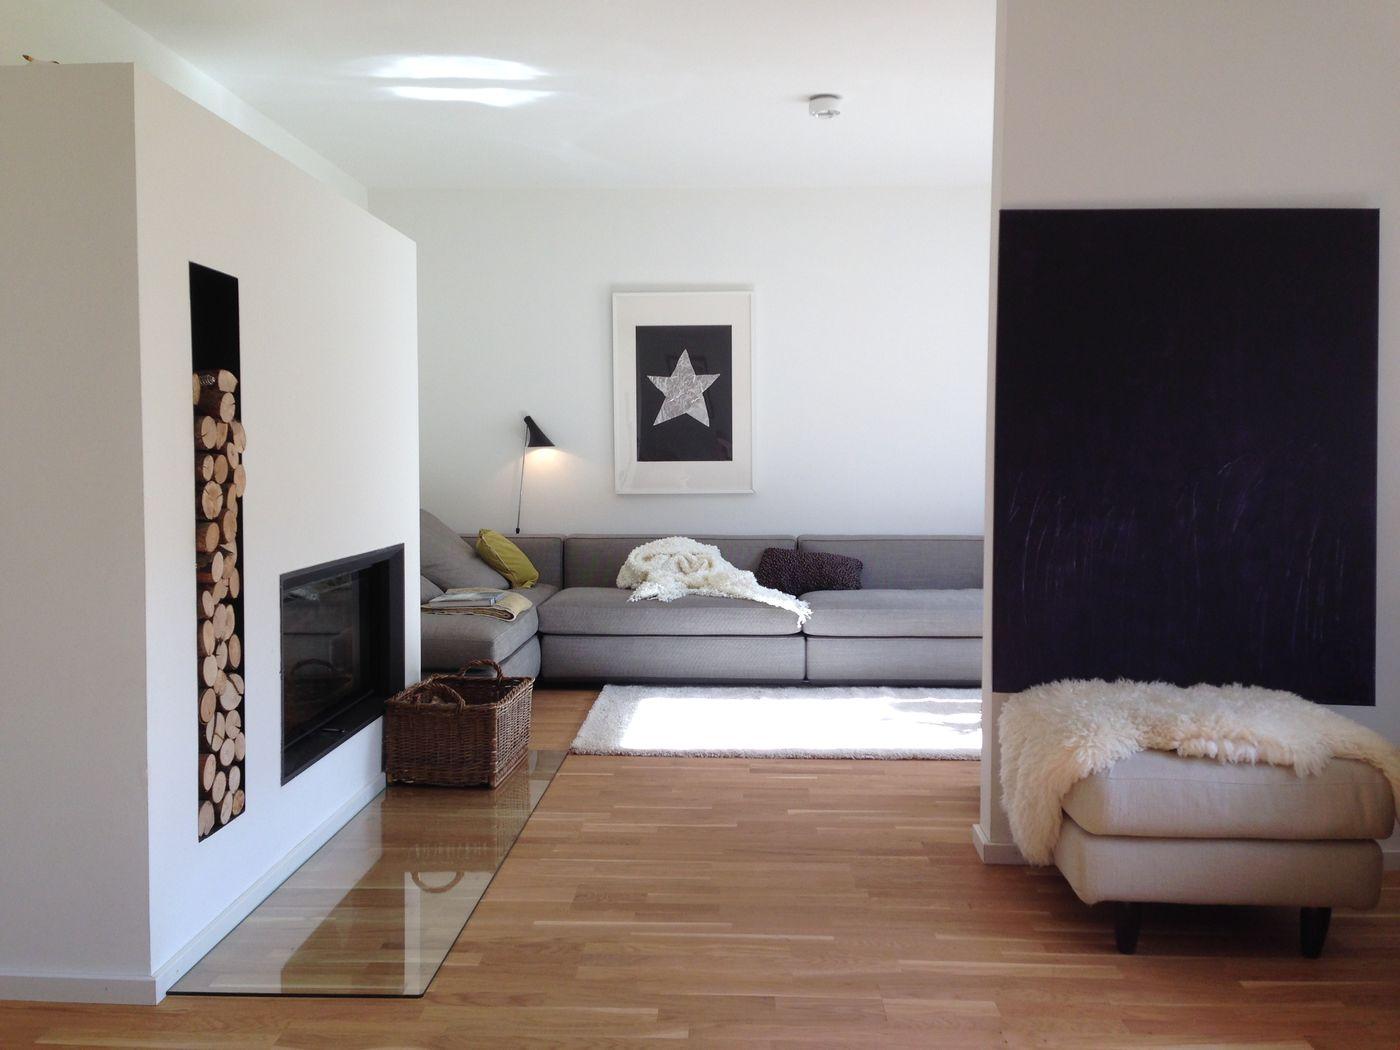 Full Size of Heizkörper Wohnzimmer Küche Holz Modern Moderne Duschen Hängelampe Hängeschrank Weiß Hochglanz Deckenleuchte Schlafzimmer Sideboard Anbauwand Teppich Led Wohnzimmer Wohnzimmer Einrichten Modern